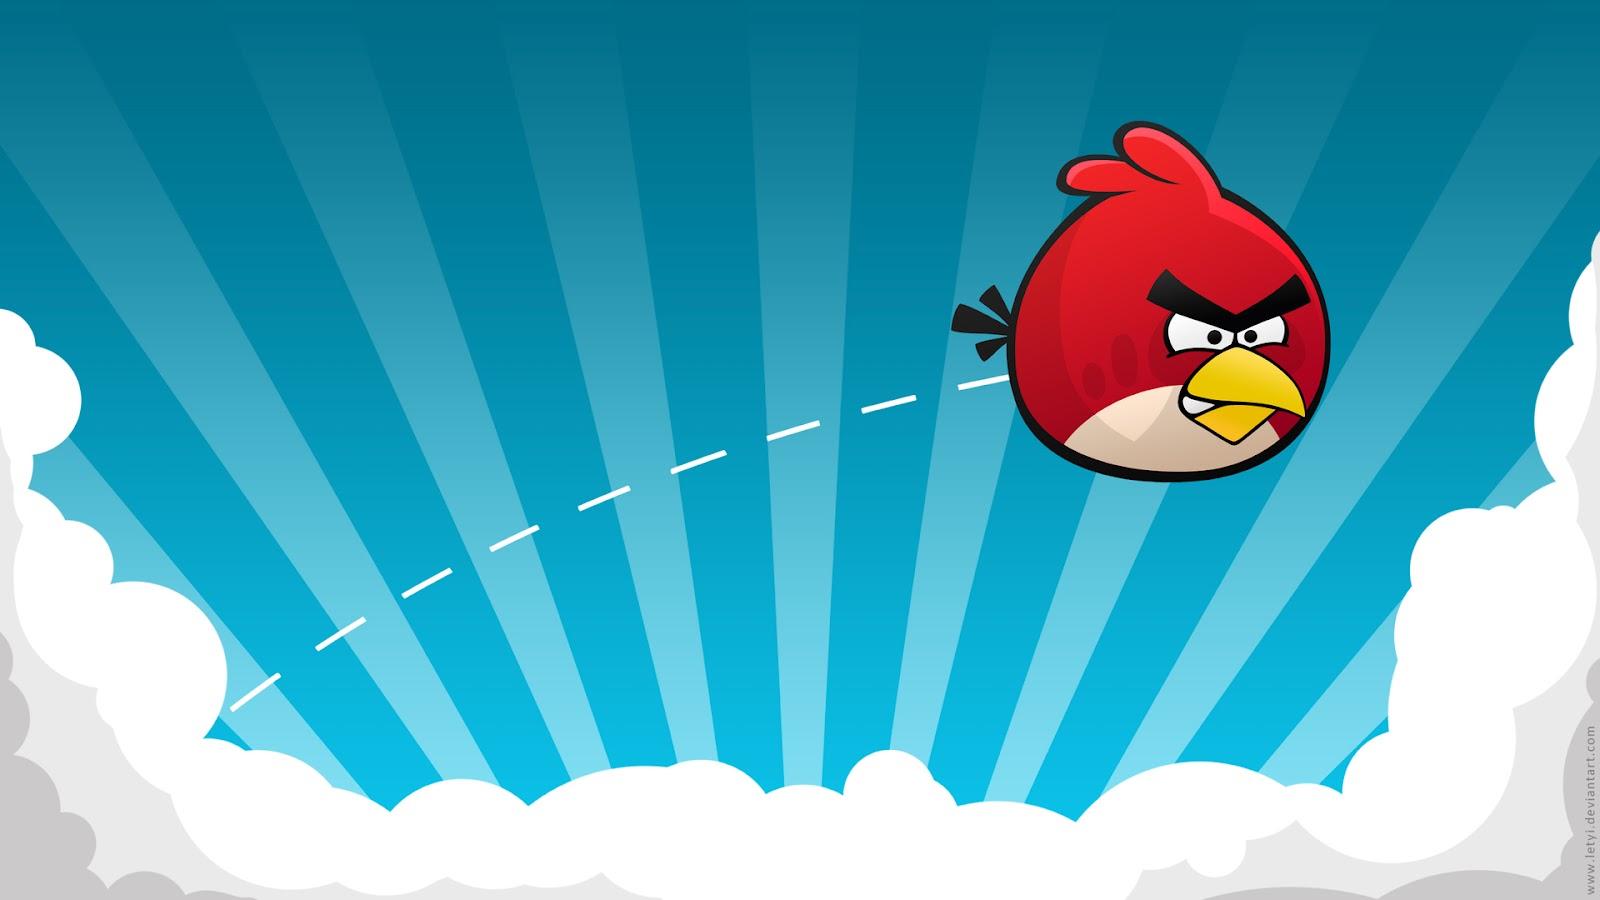 Angry Birds (Pájaros furiosos en español) es un videojuego creado en